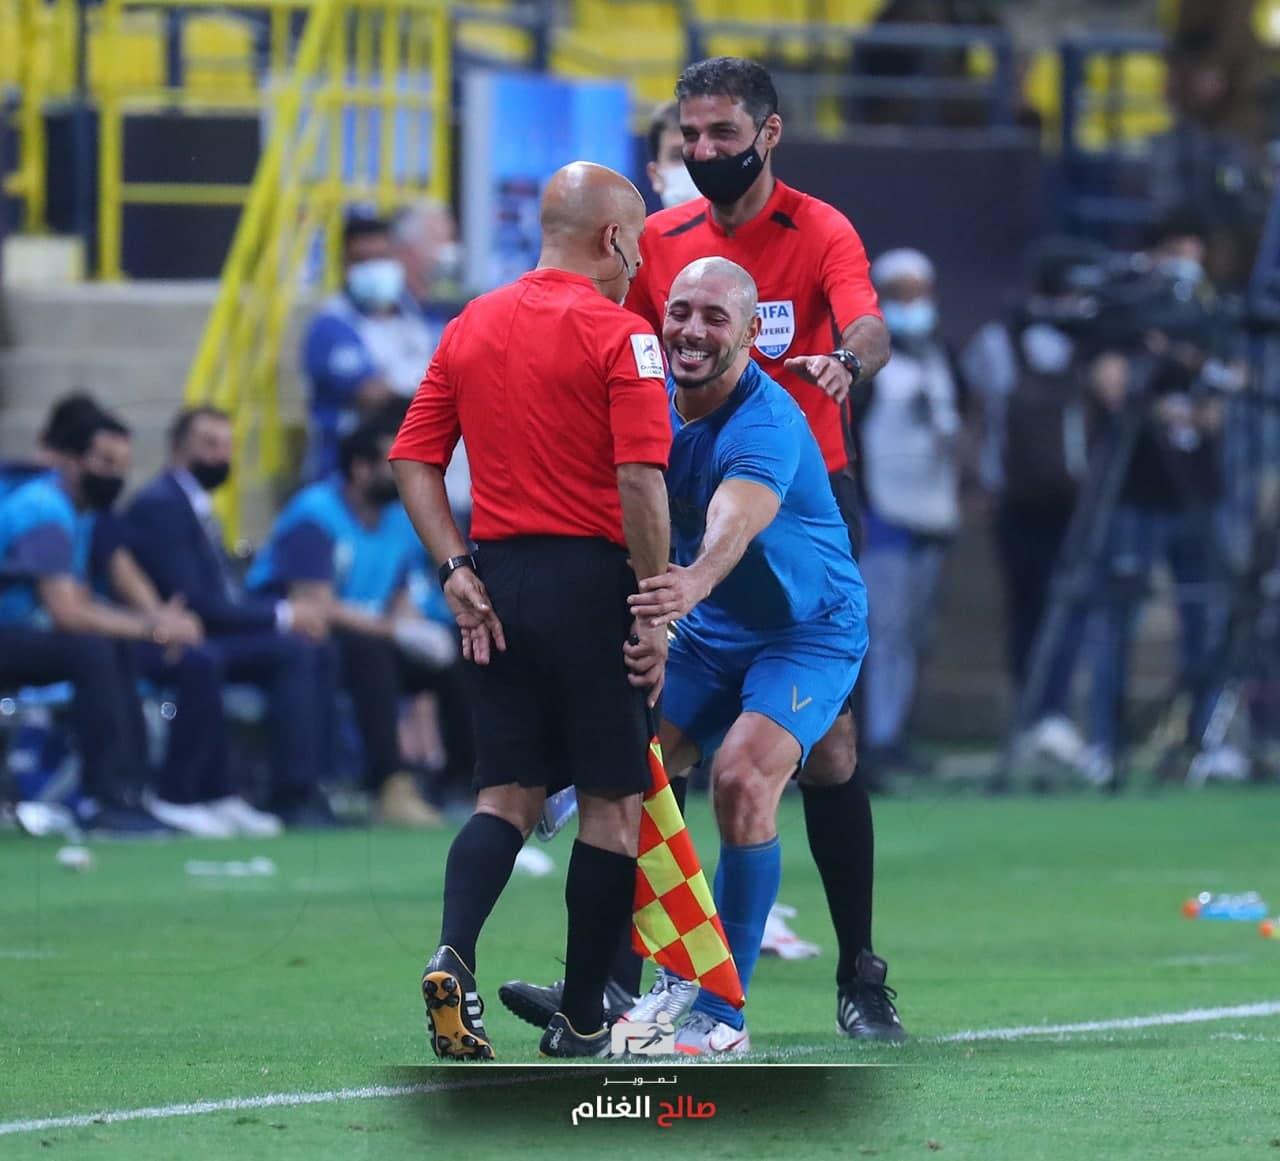 لحظه عجیب مرحله گروهی لیگ قهرمانان آسیا